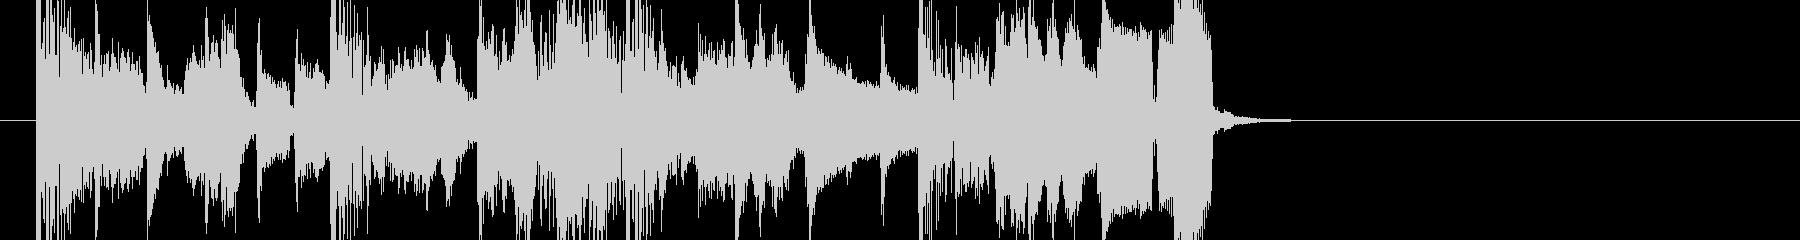 オシャレなビッグバンド風ジャズジングルの未再生の波形